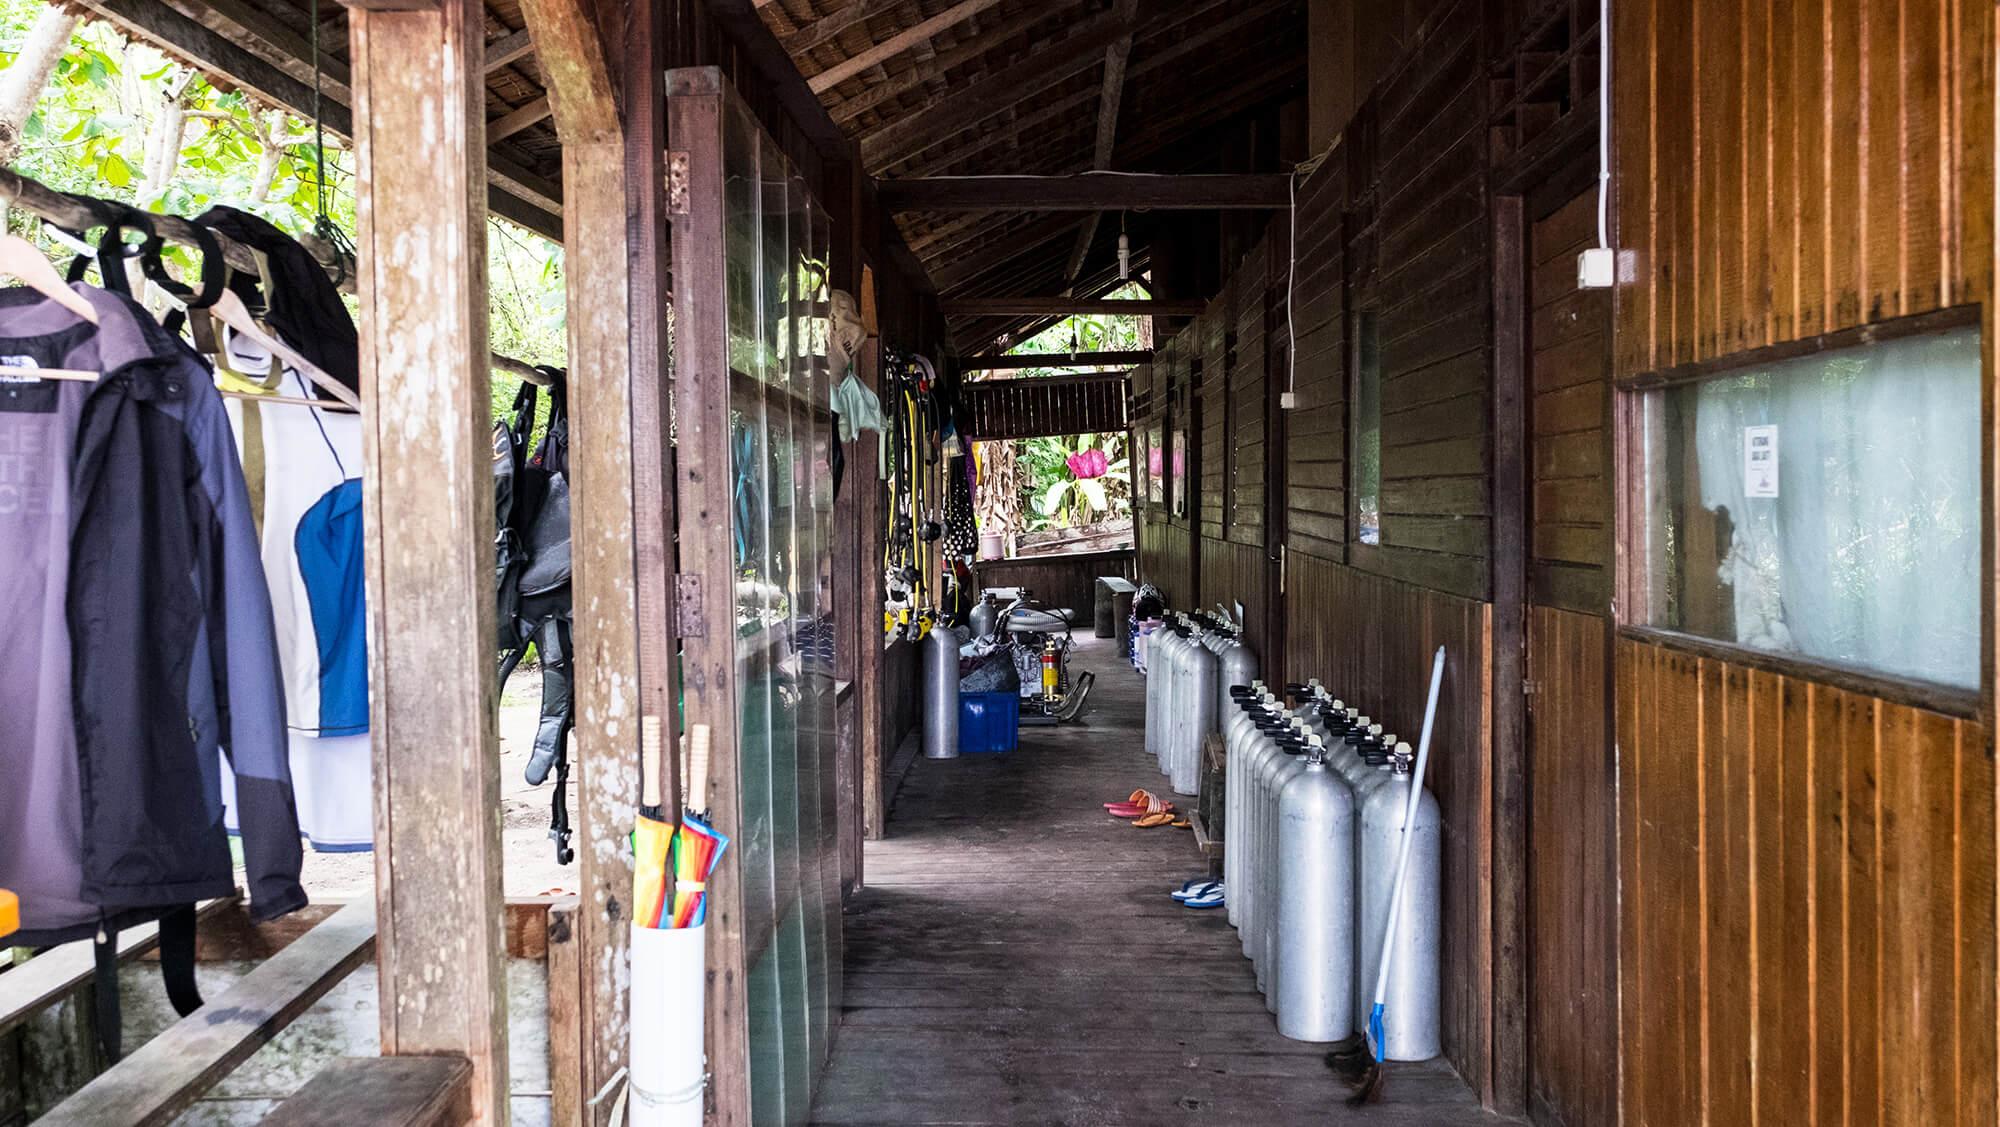 Centro de buceo en Hamueco Resort en Raja Ampat, Papúa - Indonesia